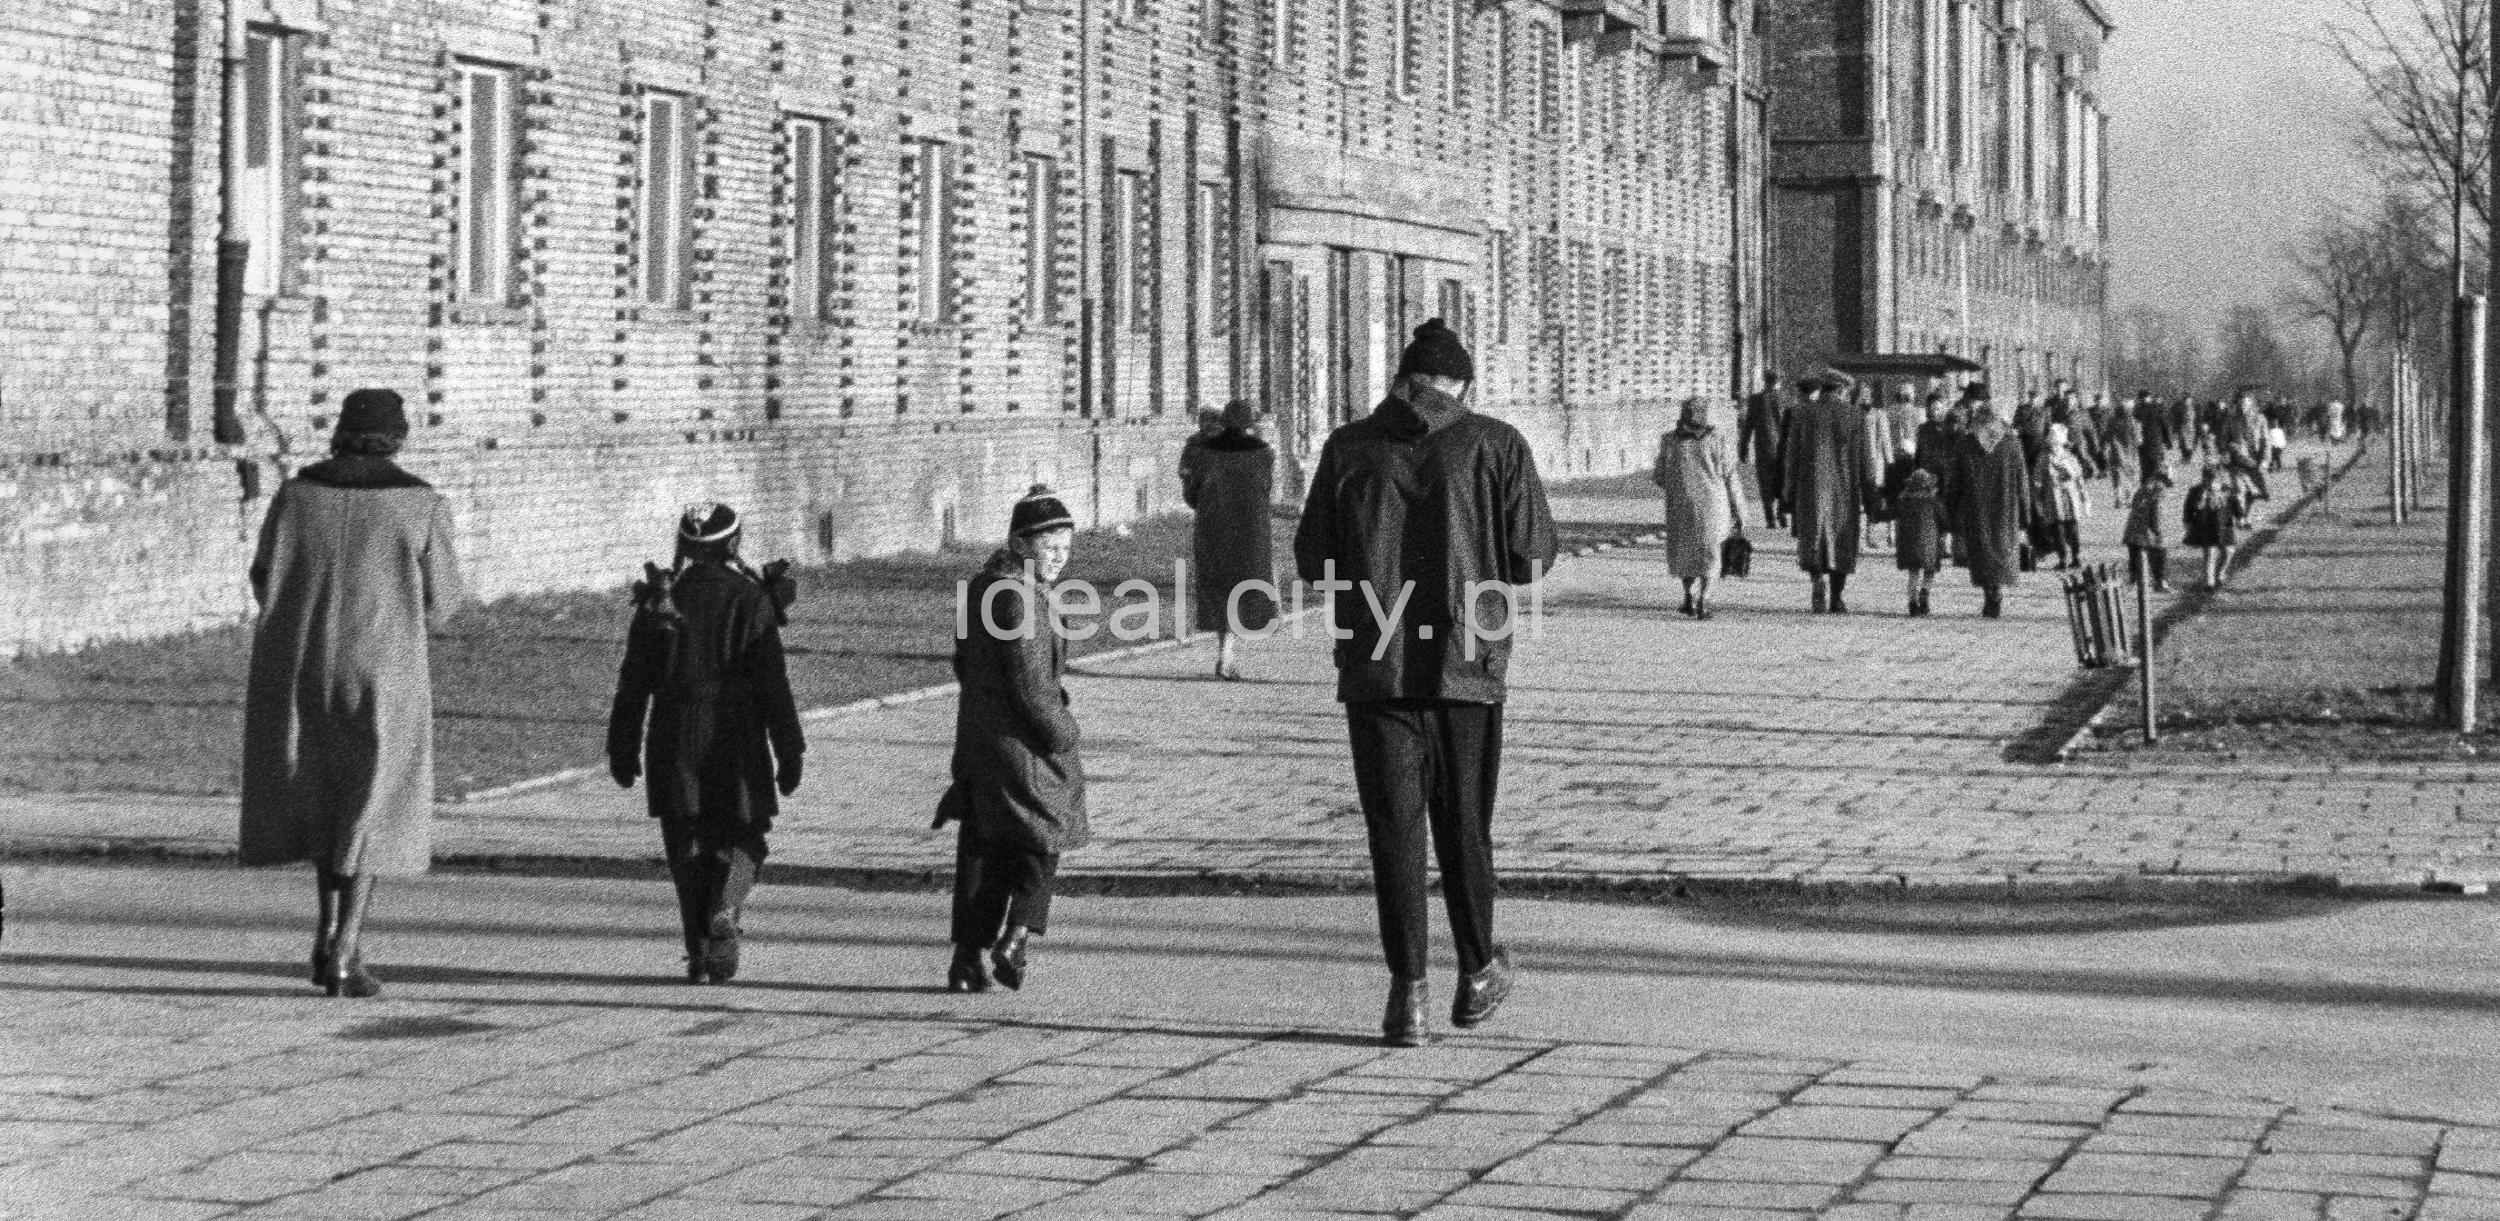 Perspektywiczne ujęcie na ruch pieszy na szerokim chodniku. Przechodnie w zimowych ubraniach, po lewej ciąg zabudowy mieszkalnej.